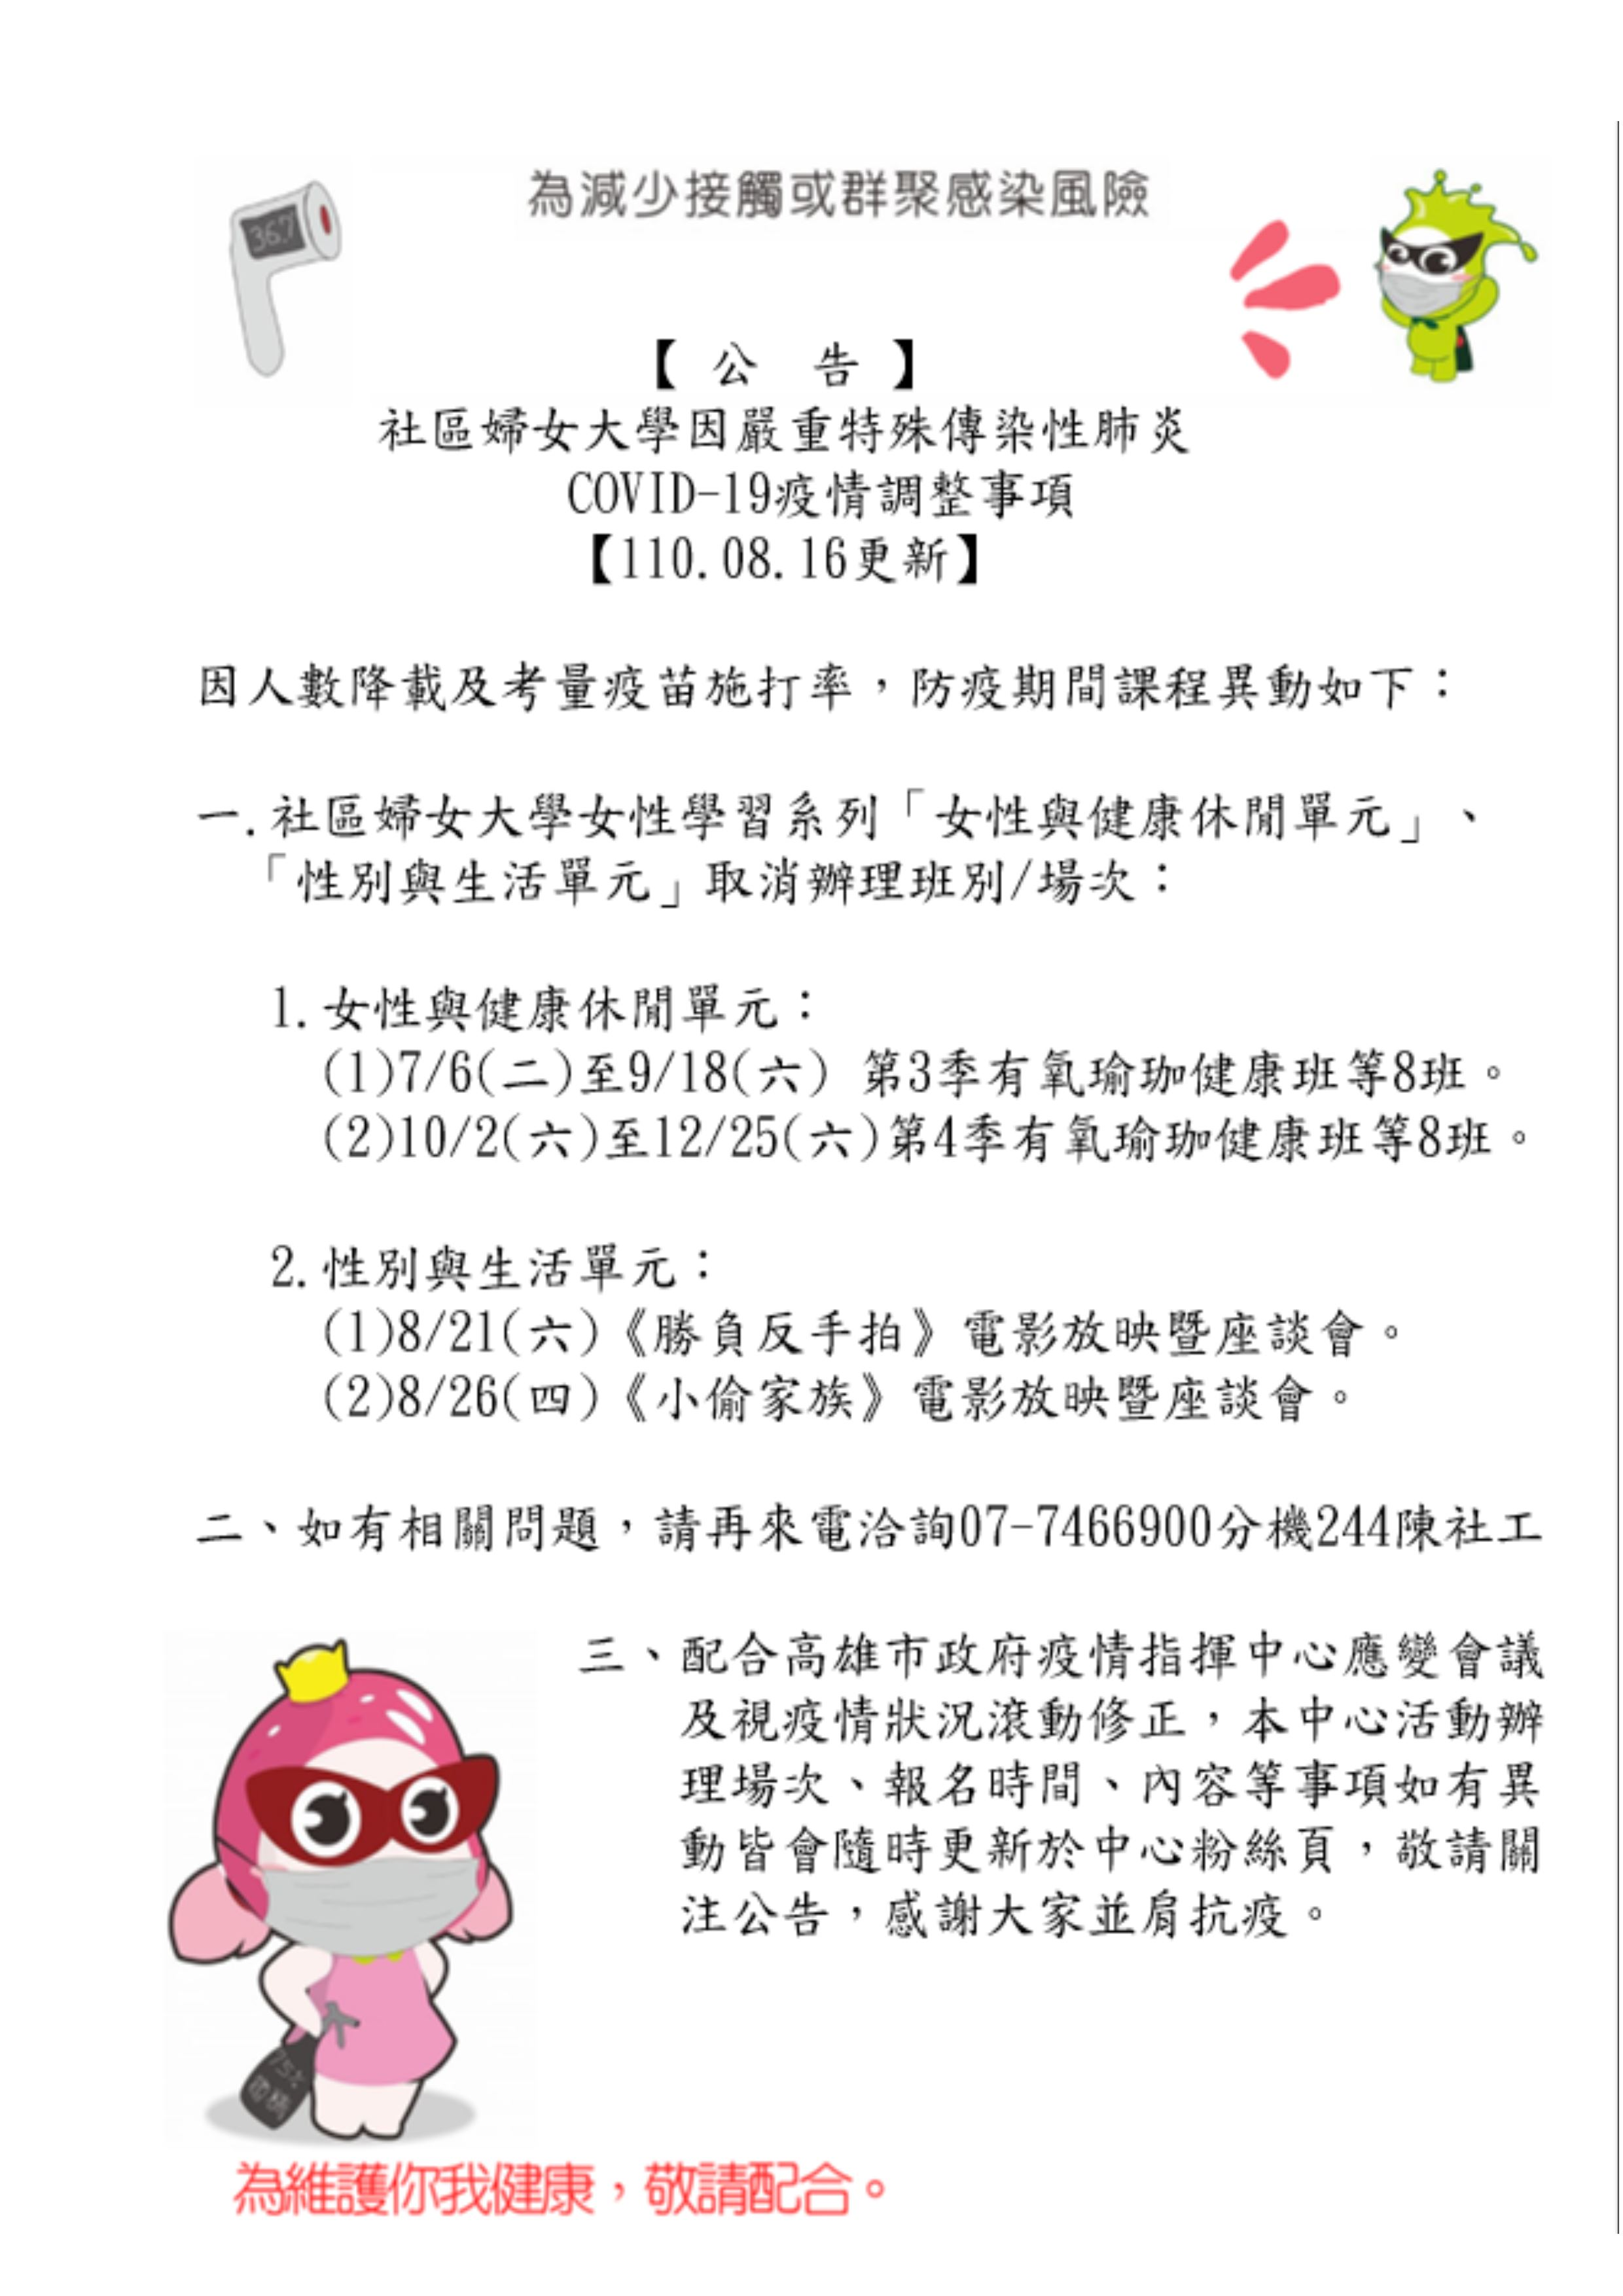 【公告】社區婦女大學因疫情調整事項公告110.8.16更新